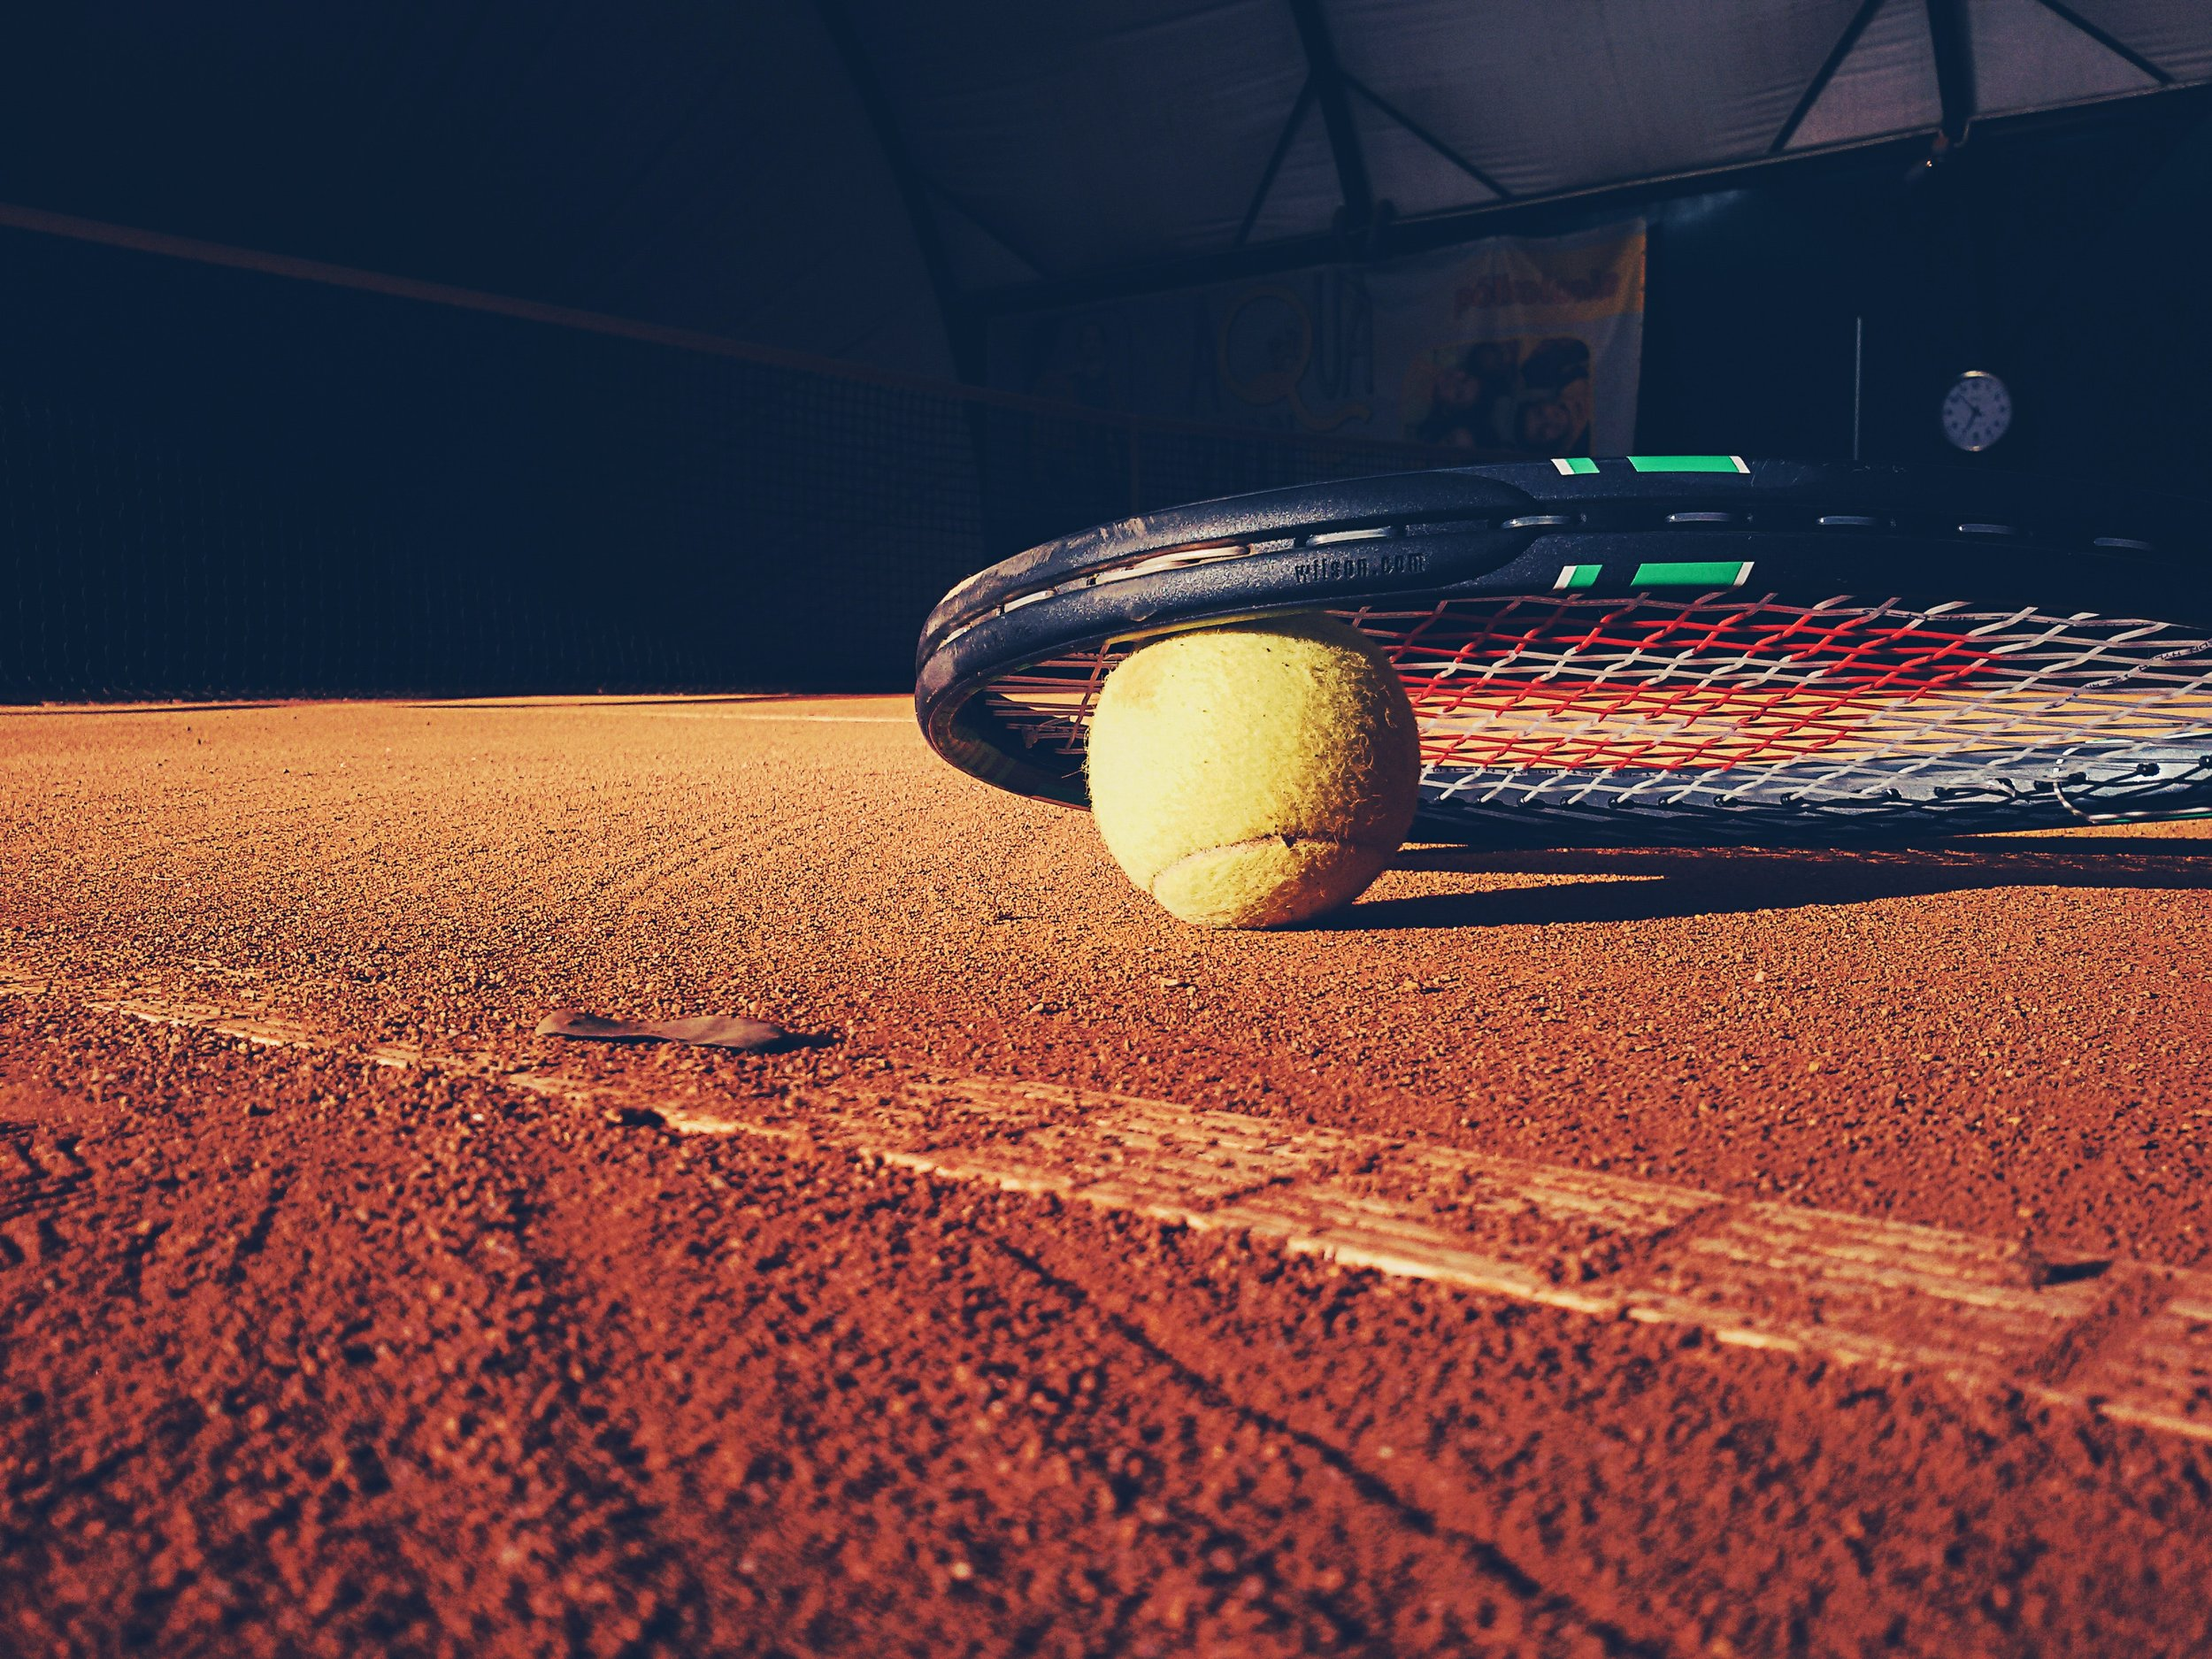 ball-court-exercise-7753.jpg